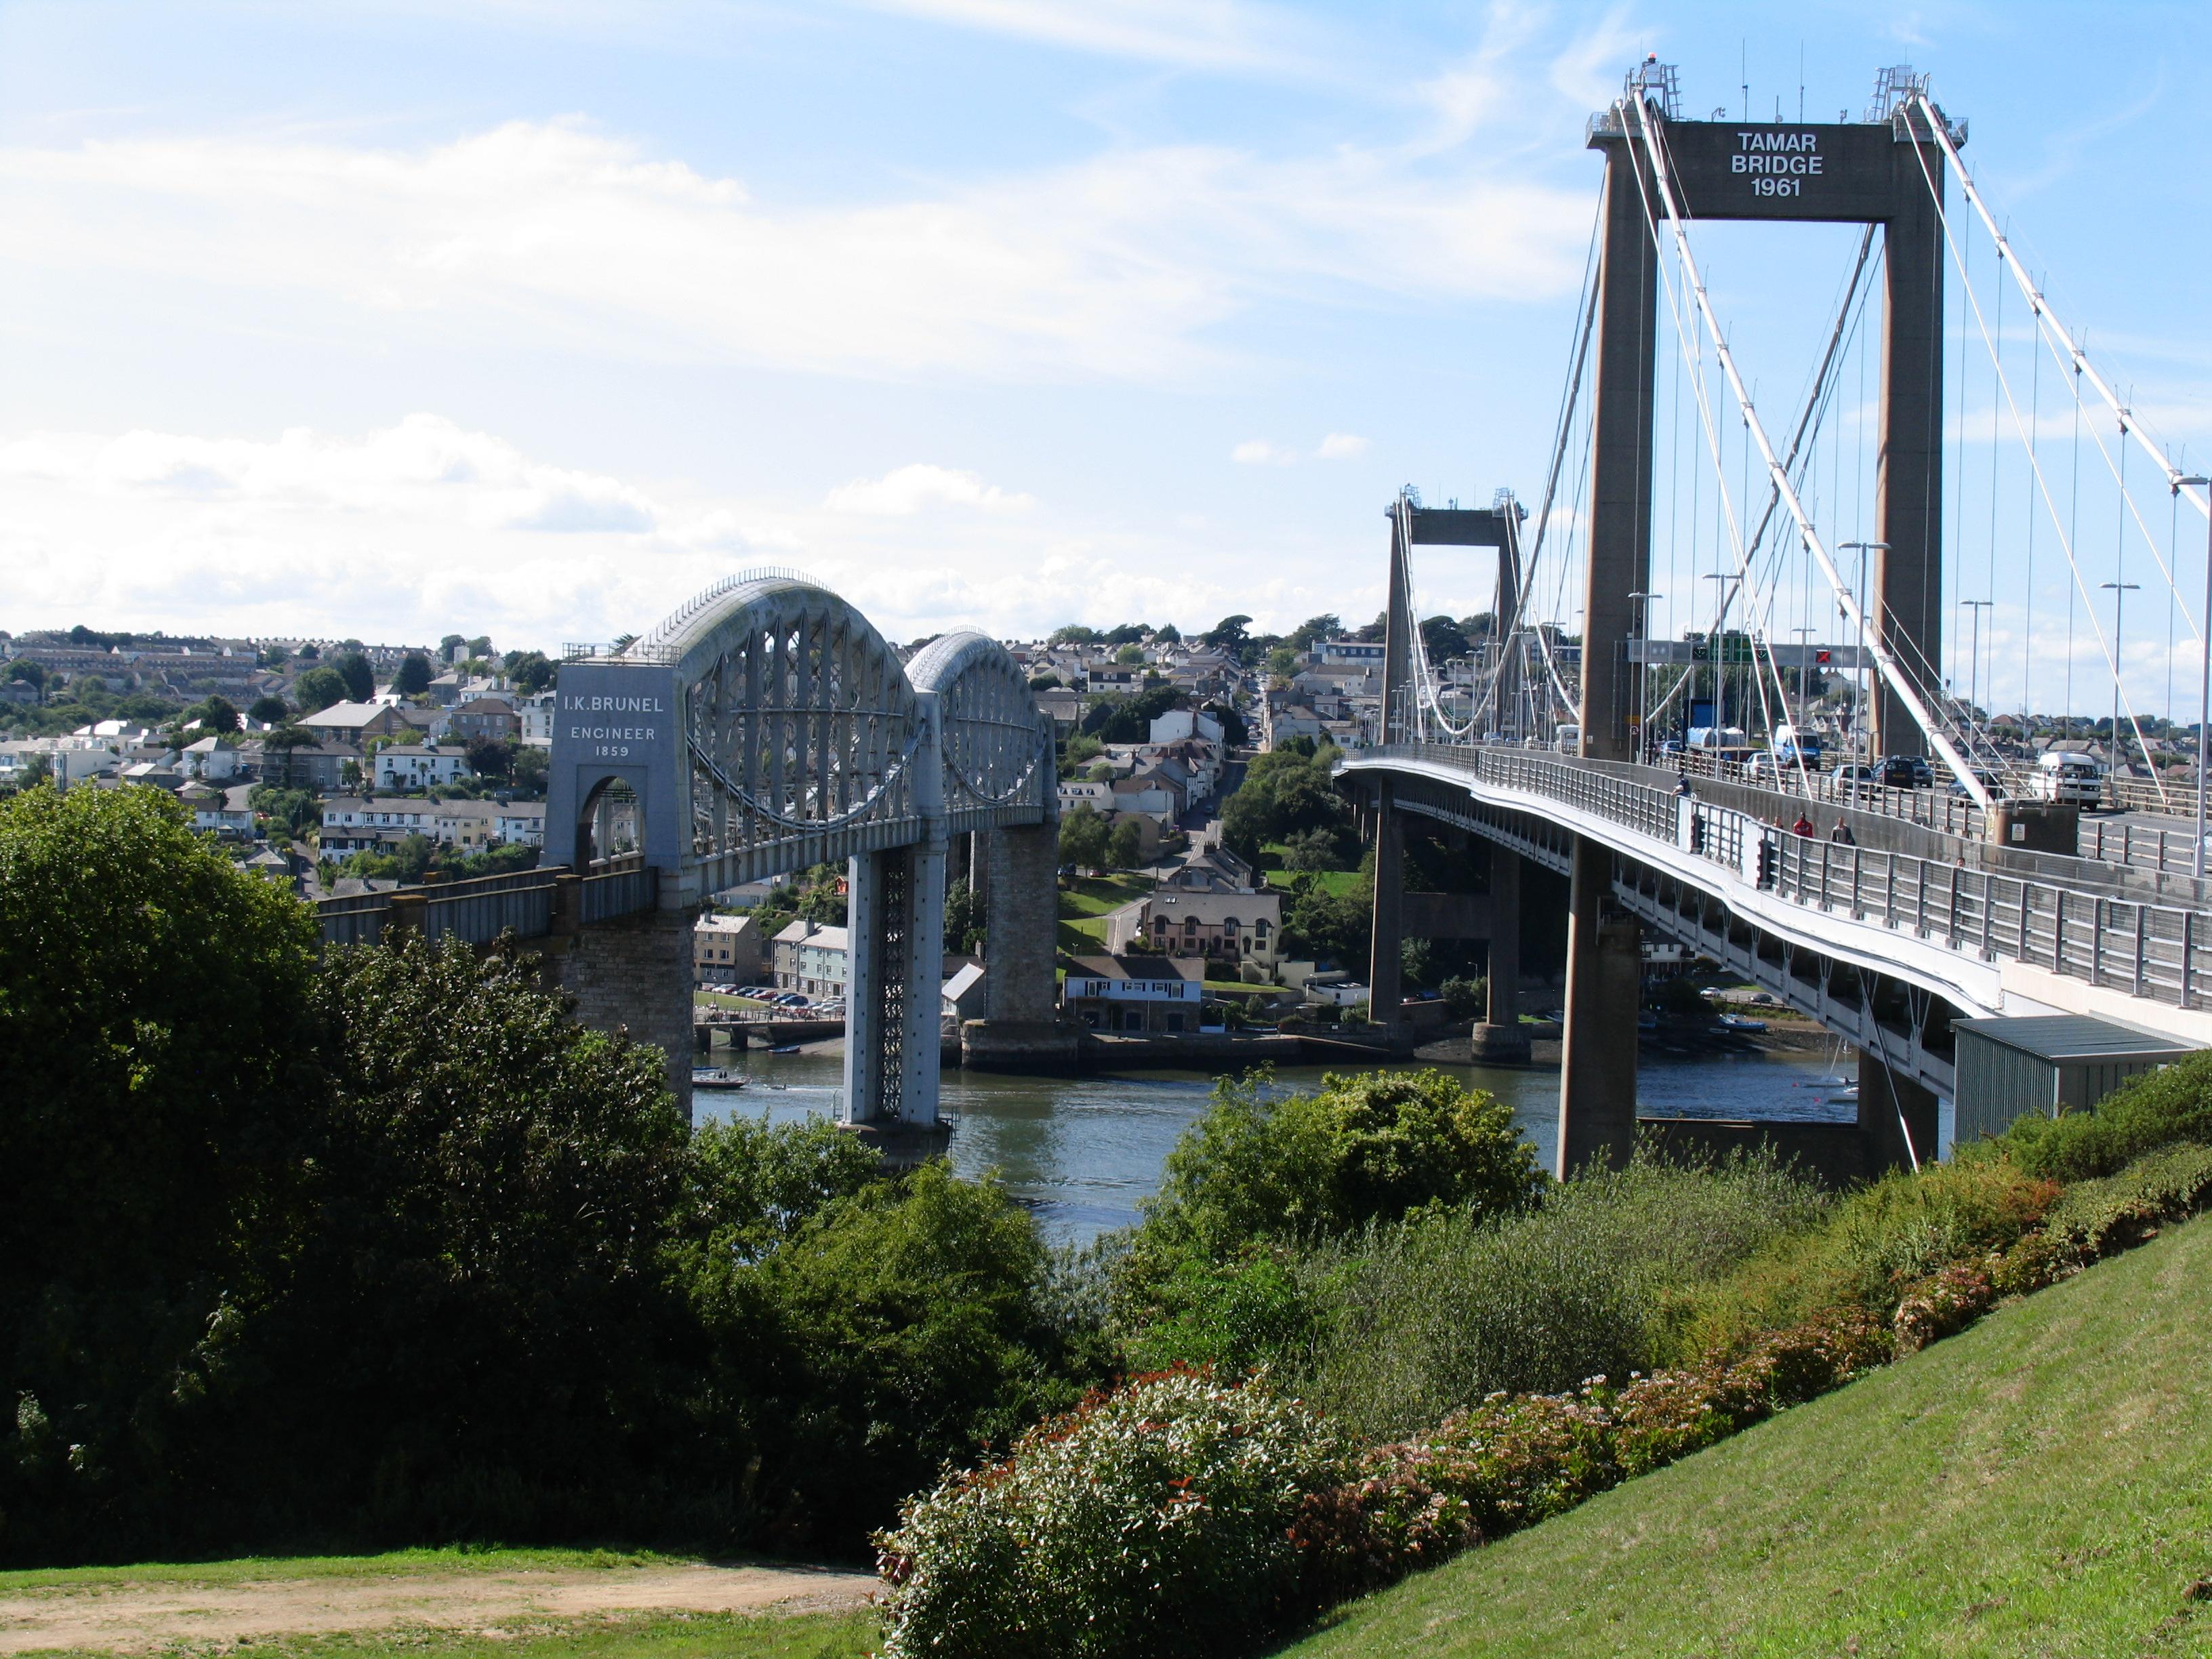 Tamar_Bridge.jpg